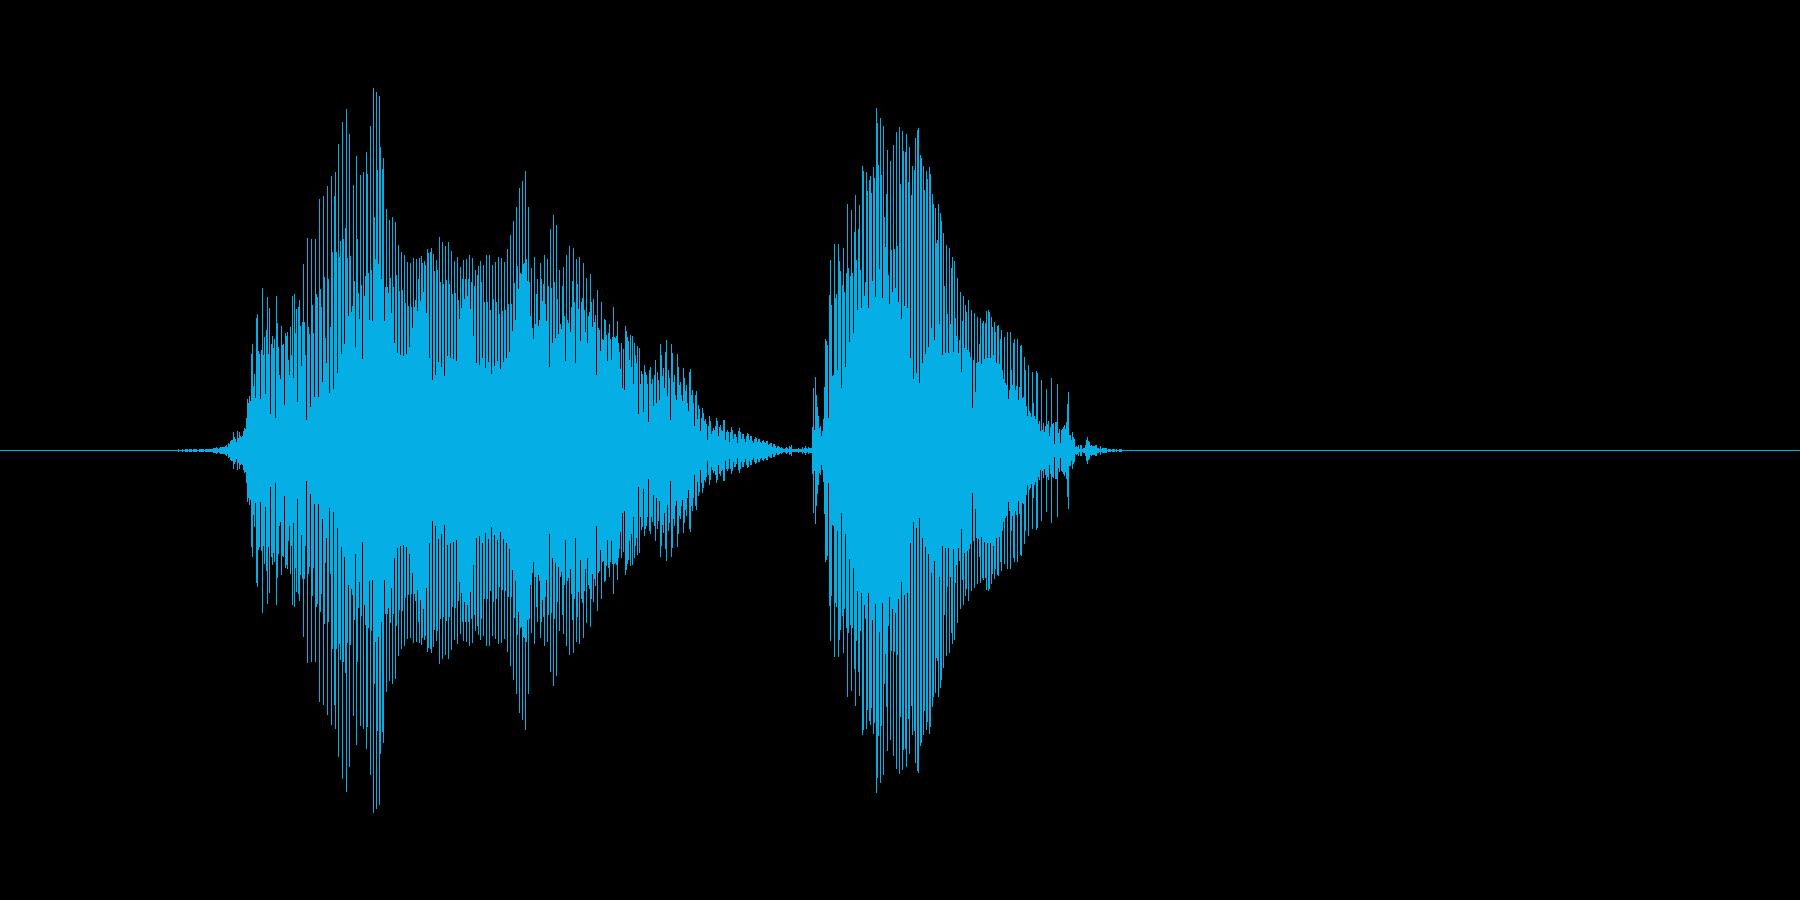 「よーい ドン」の再生済みの波形